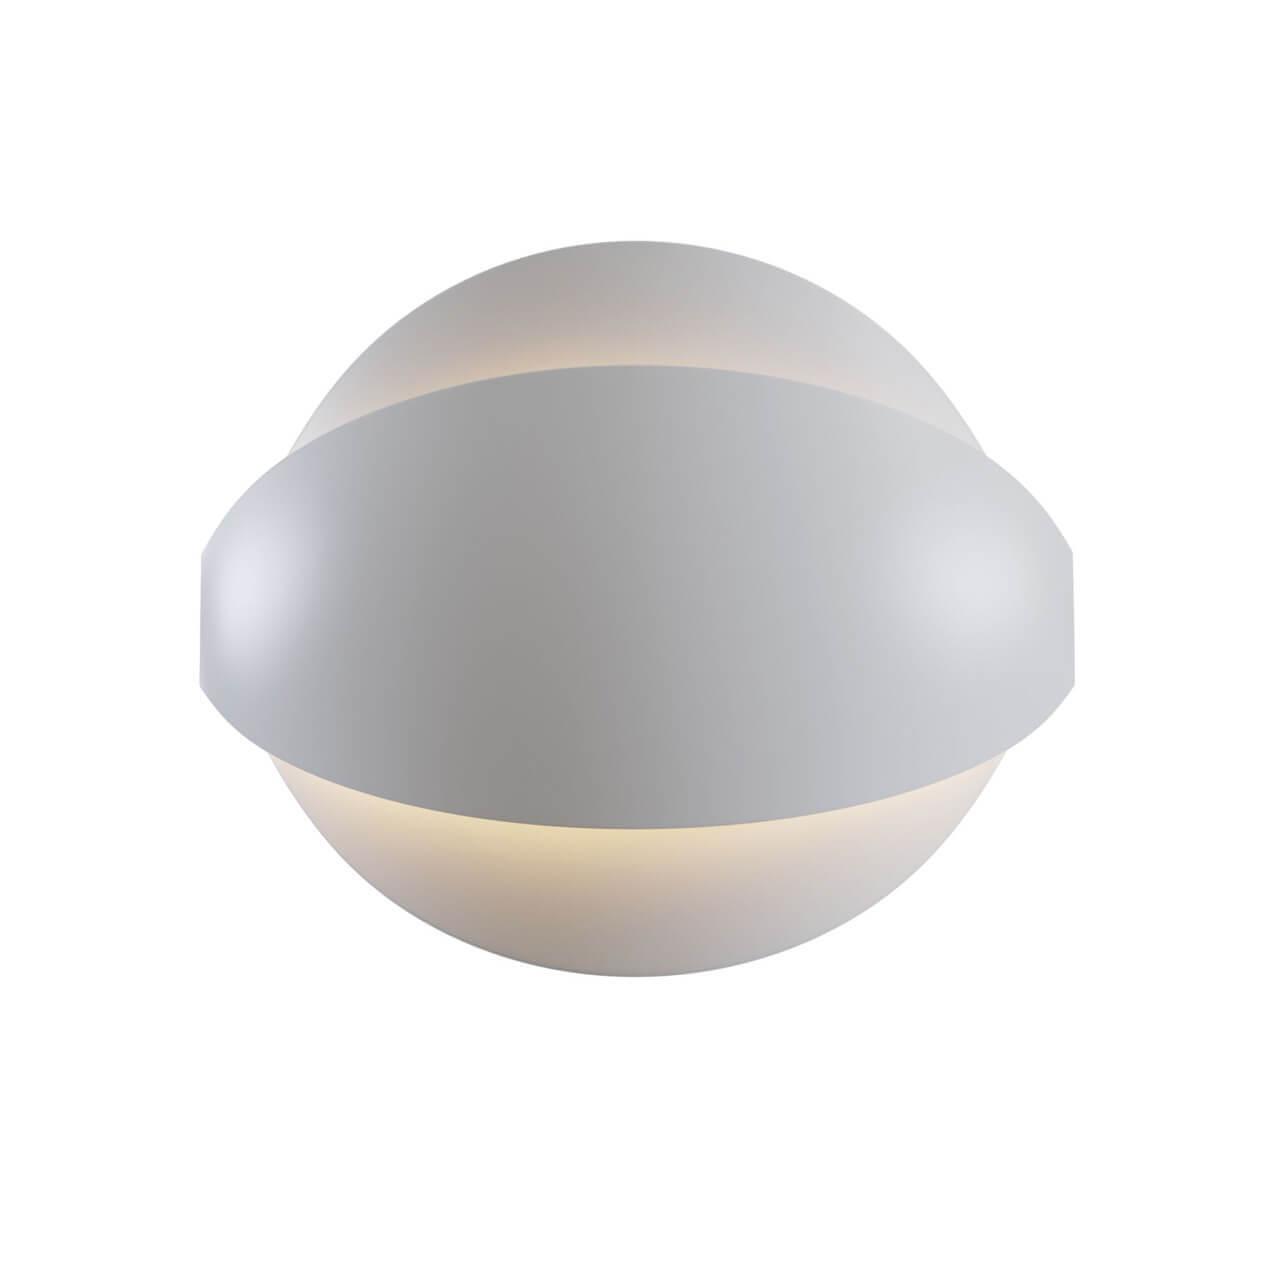 Светильник Maytoni C042WL-L7W3K Mirto цена 2017